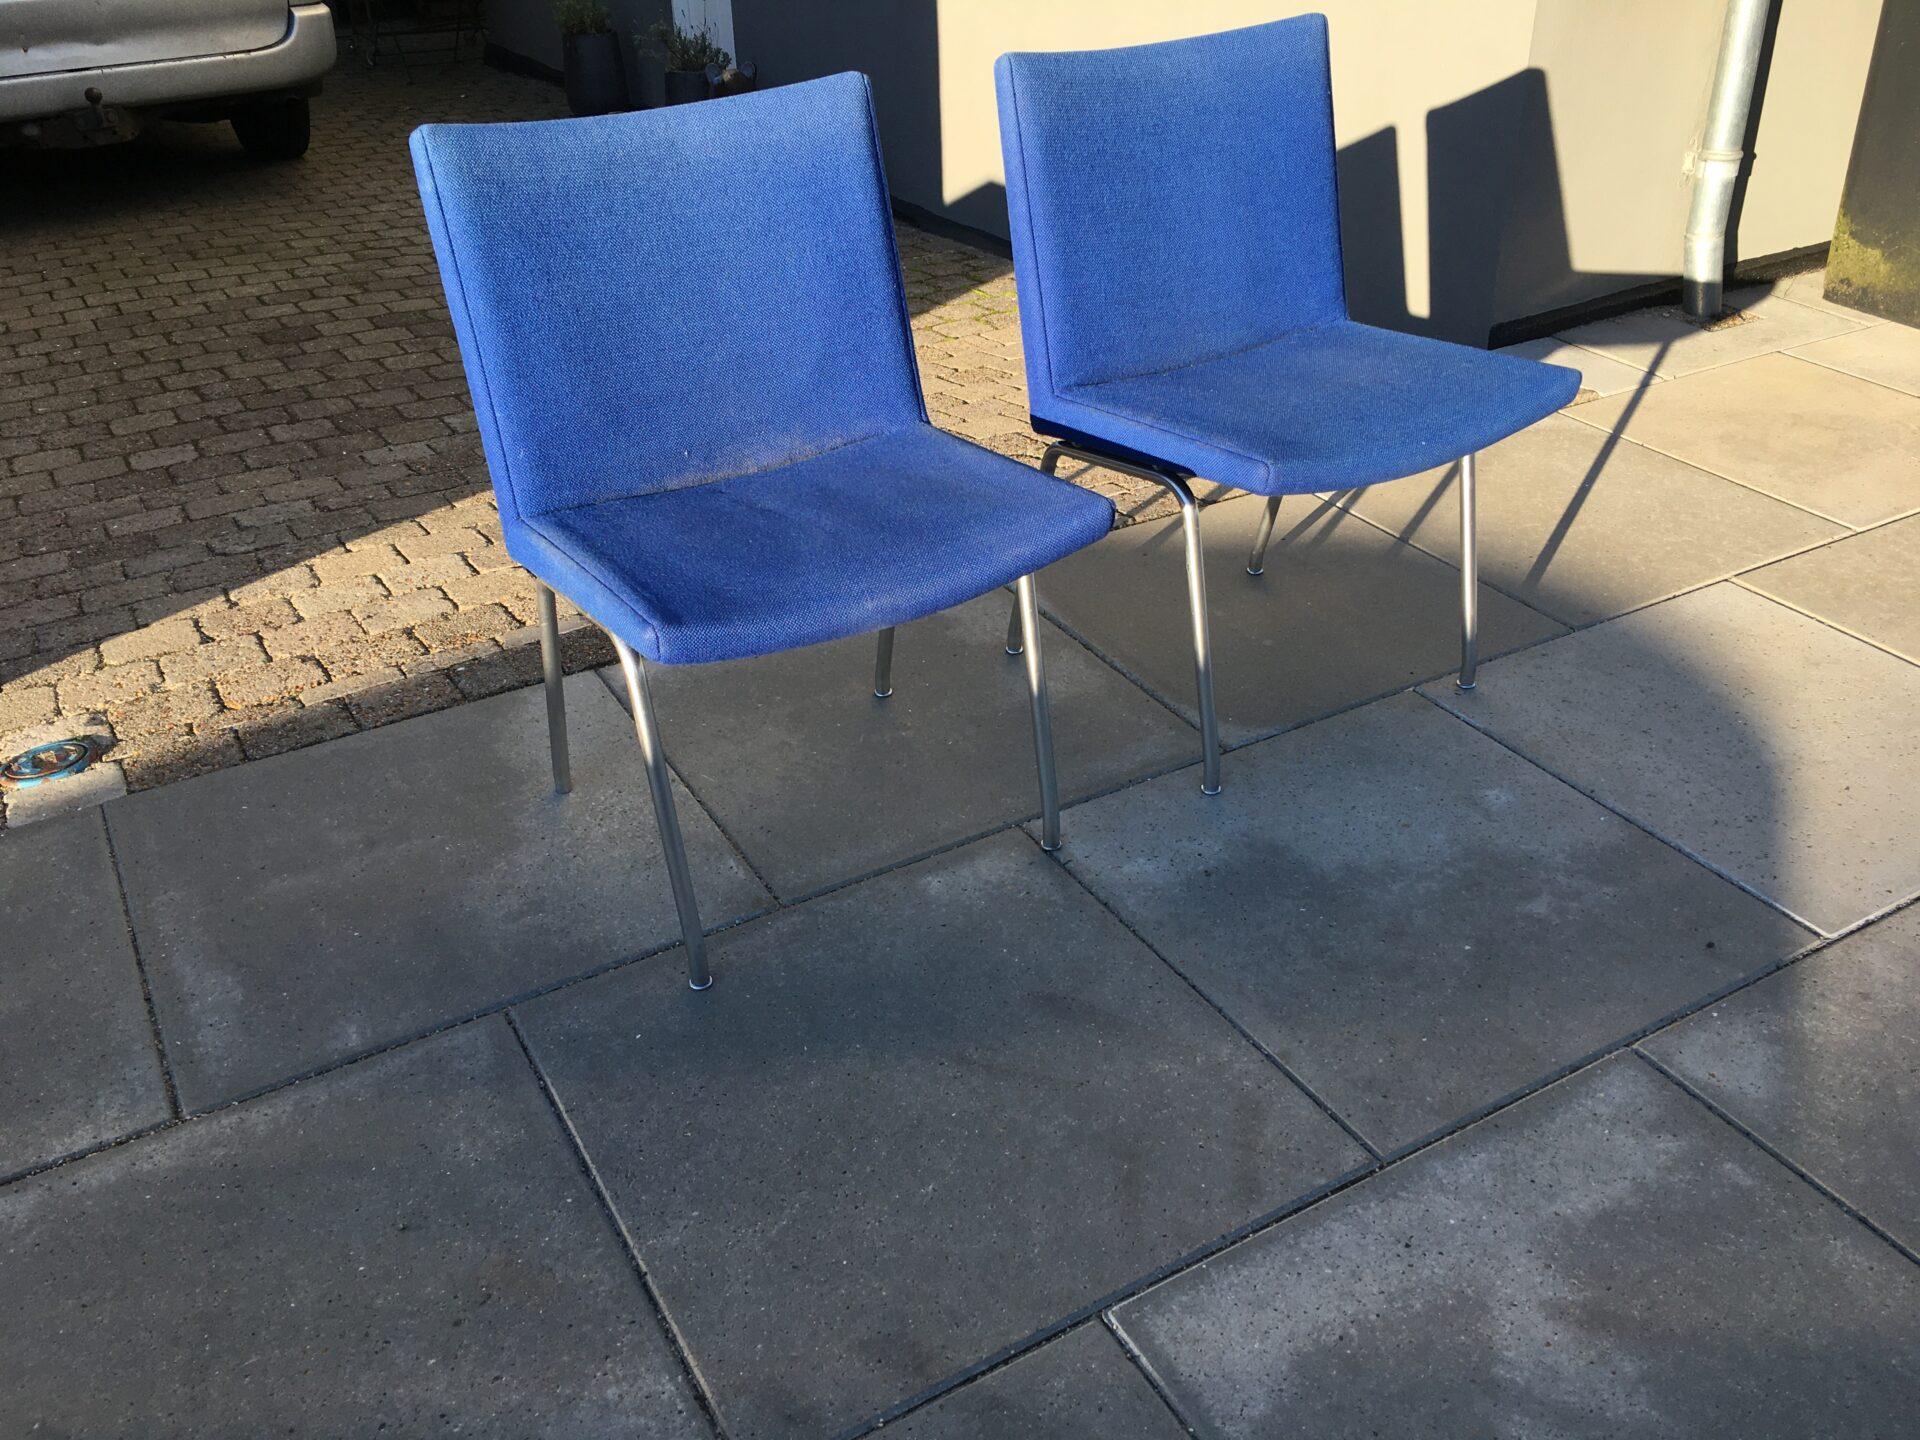 Wegner, lufthavnsstole betrukket med blå Hallingdal, pris pr stk. 1000kr